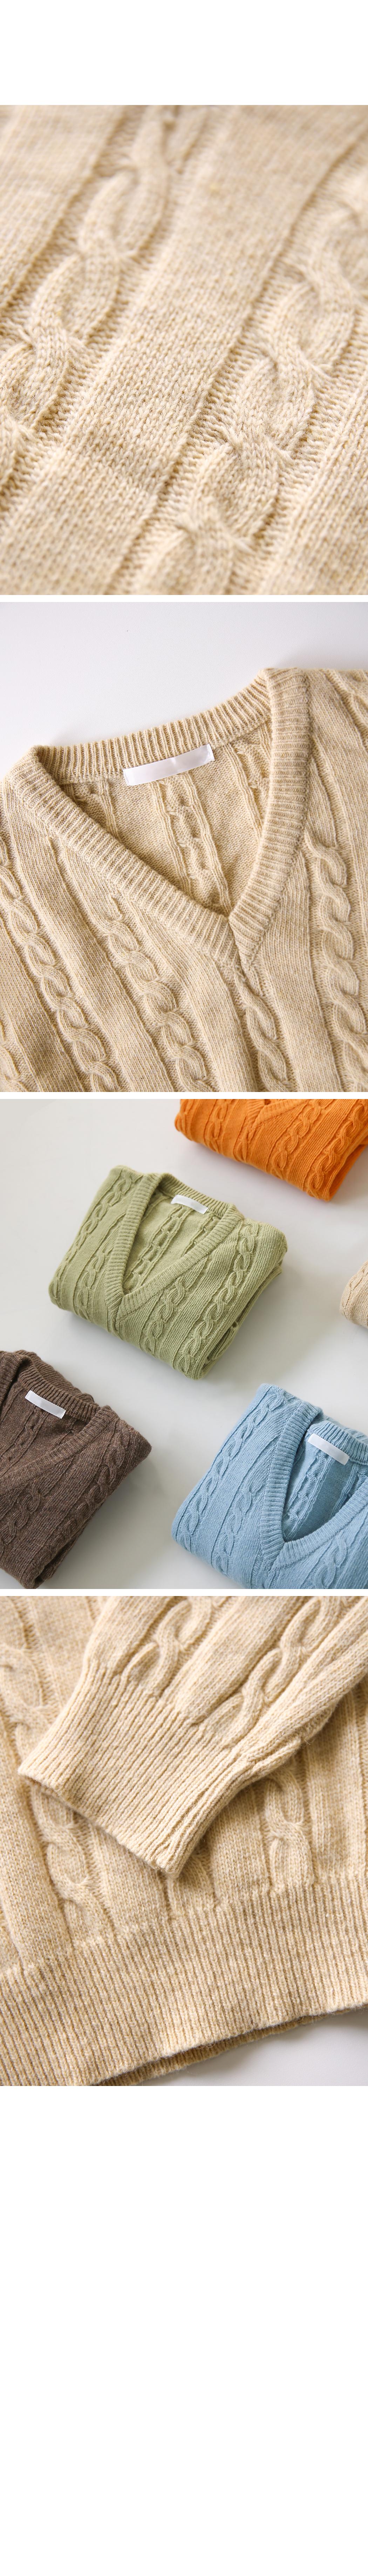 Orange Market Cable Knit